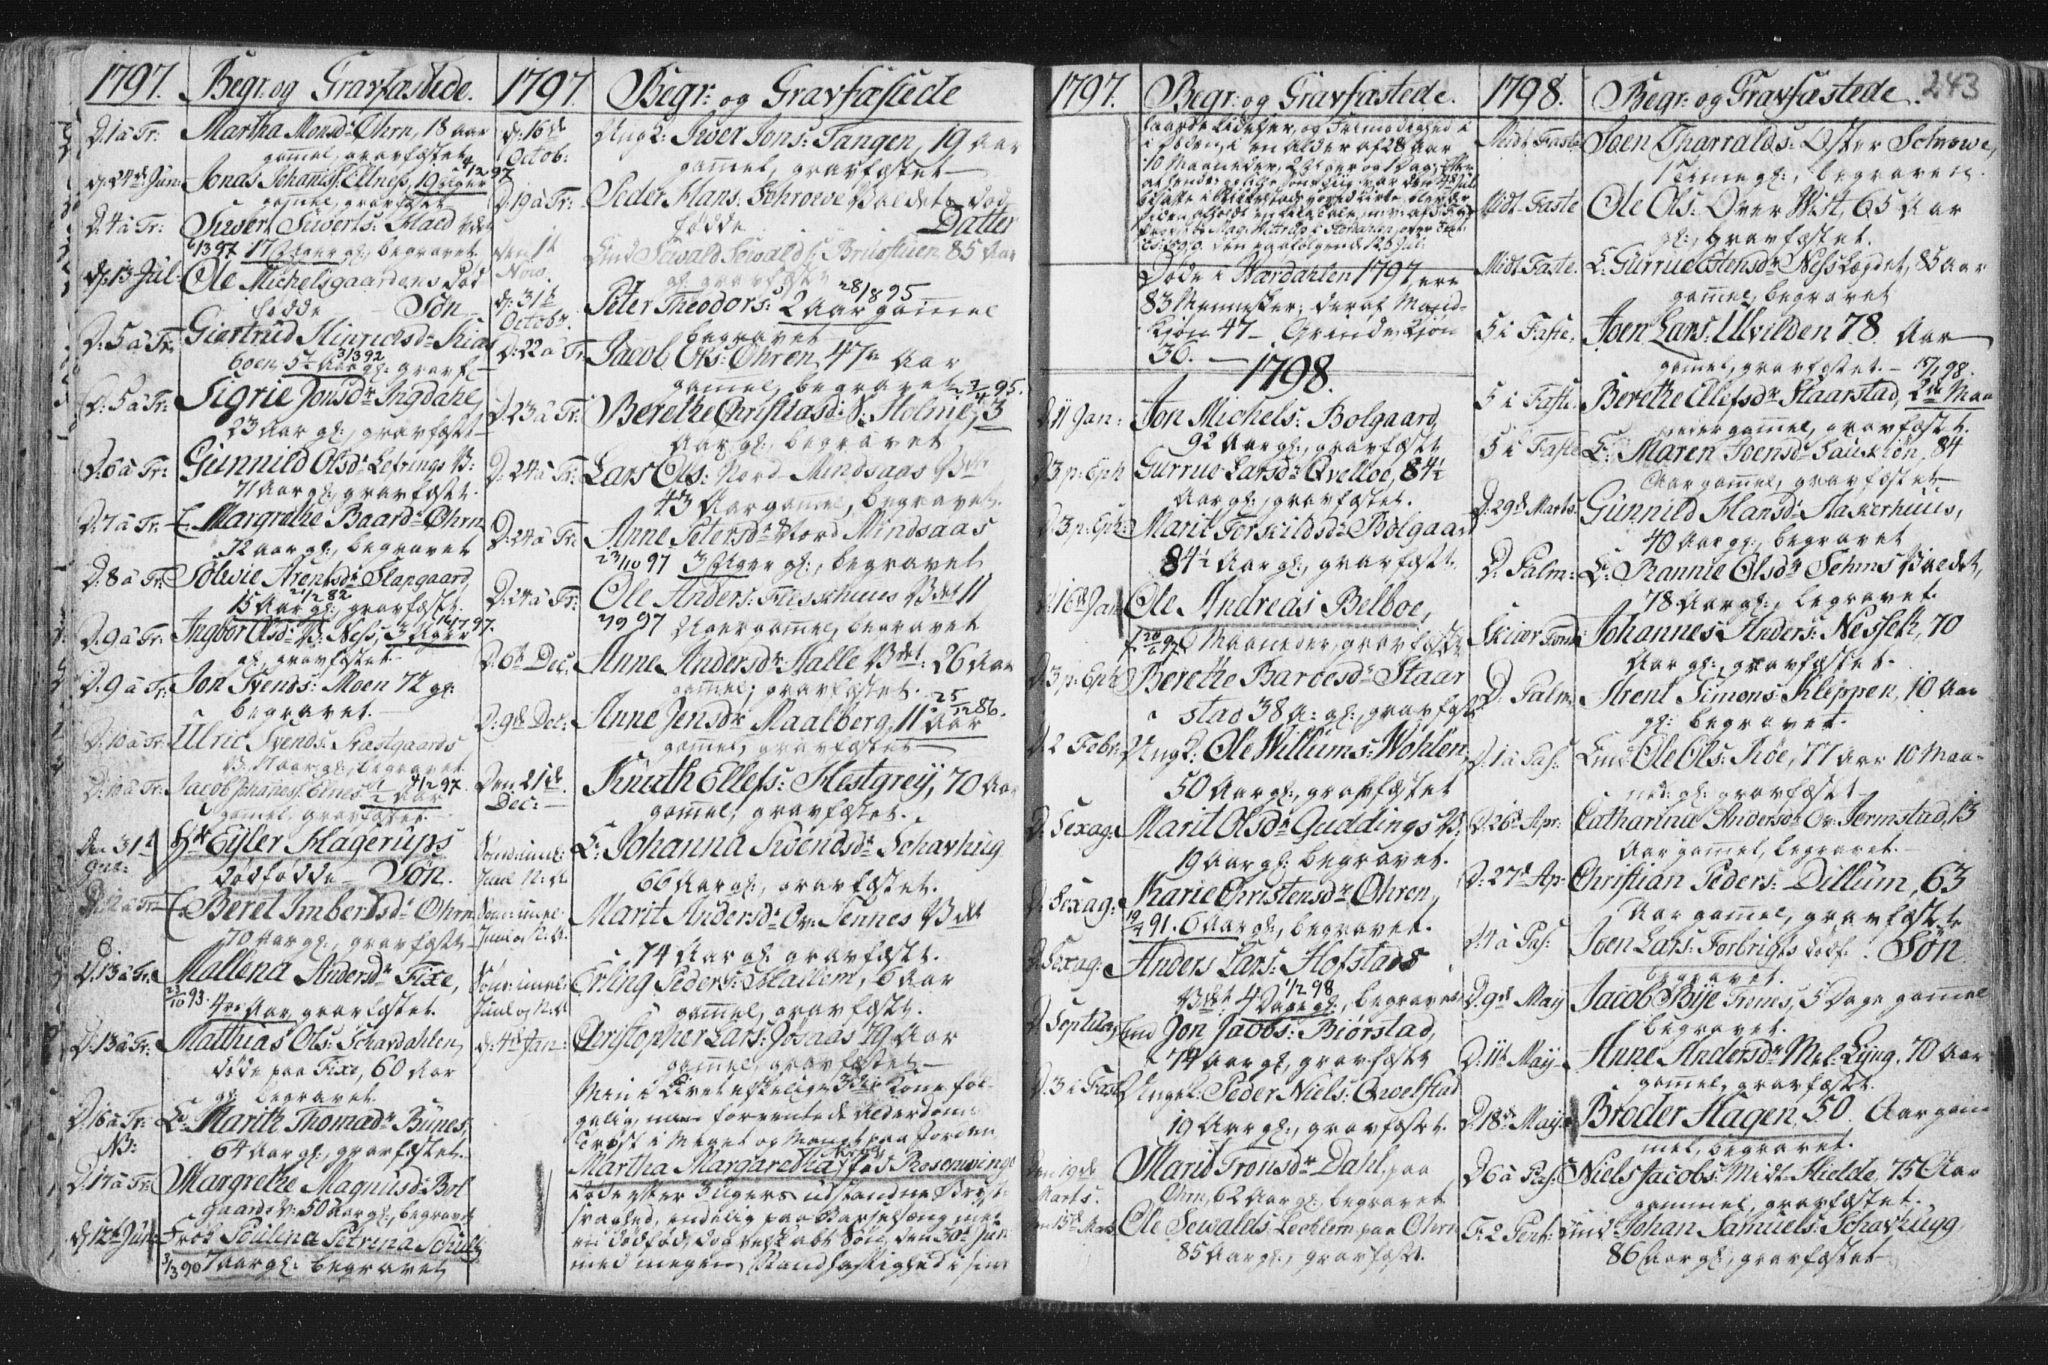 SAT, Ministerialprotokoller, klokkerbøker og fødselsregistre - Nord-Trøndelag, 723/L0232: Ministerialbok nr. 723A03, 1781-1804, s. 243